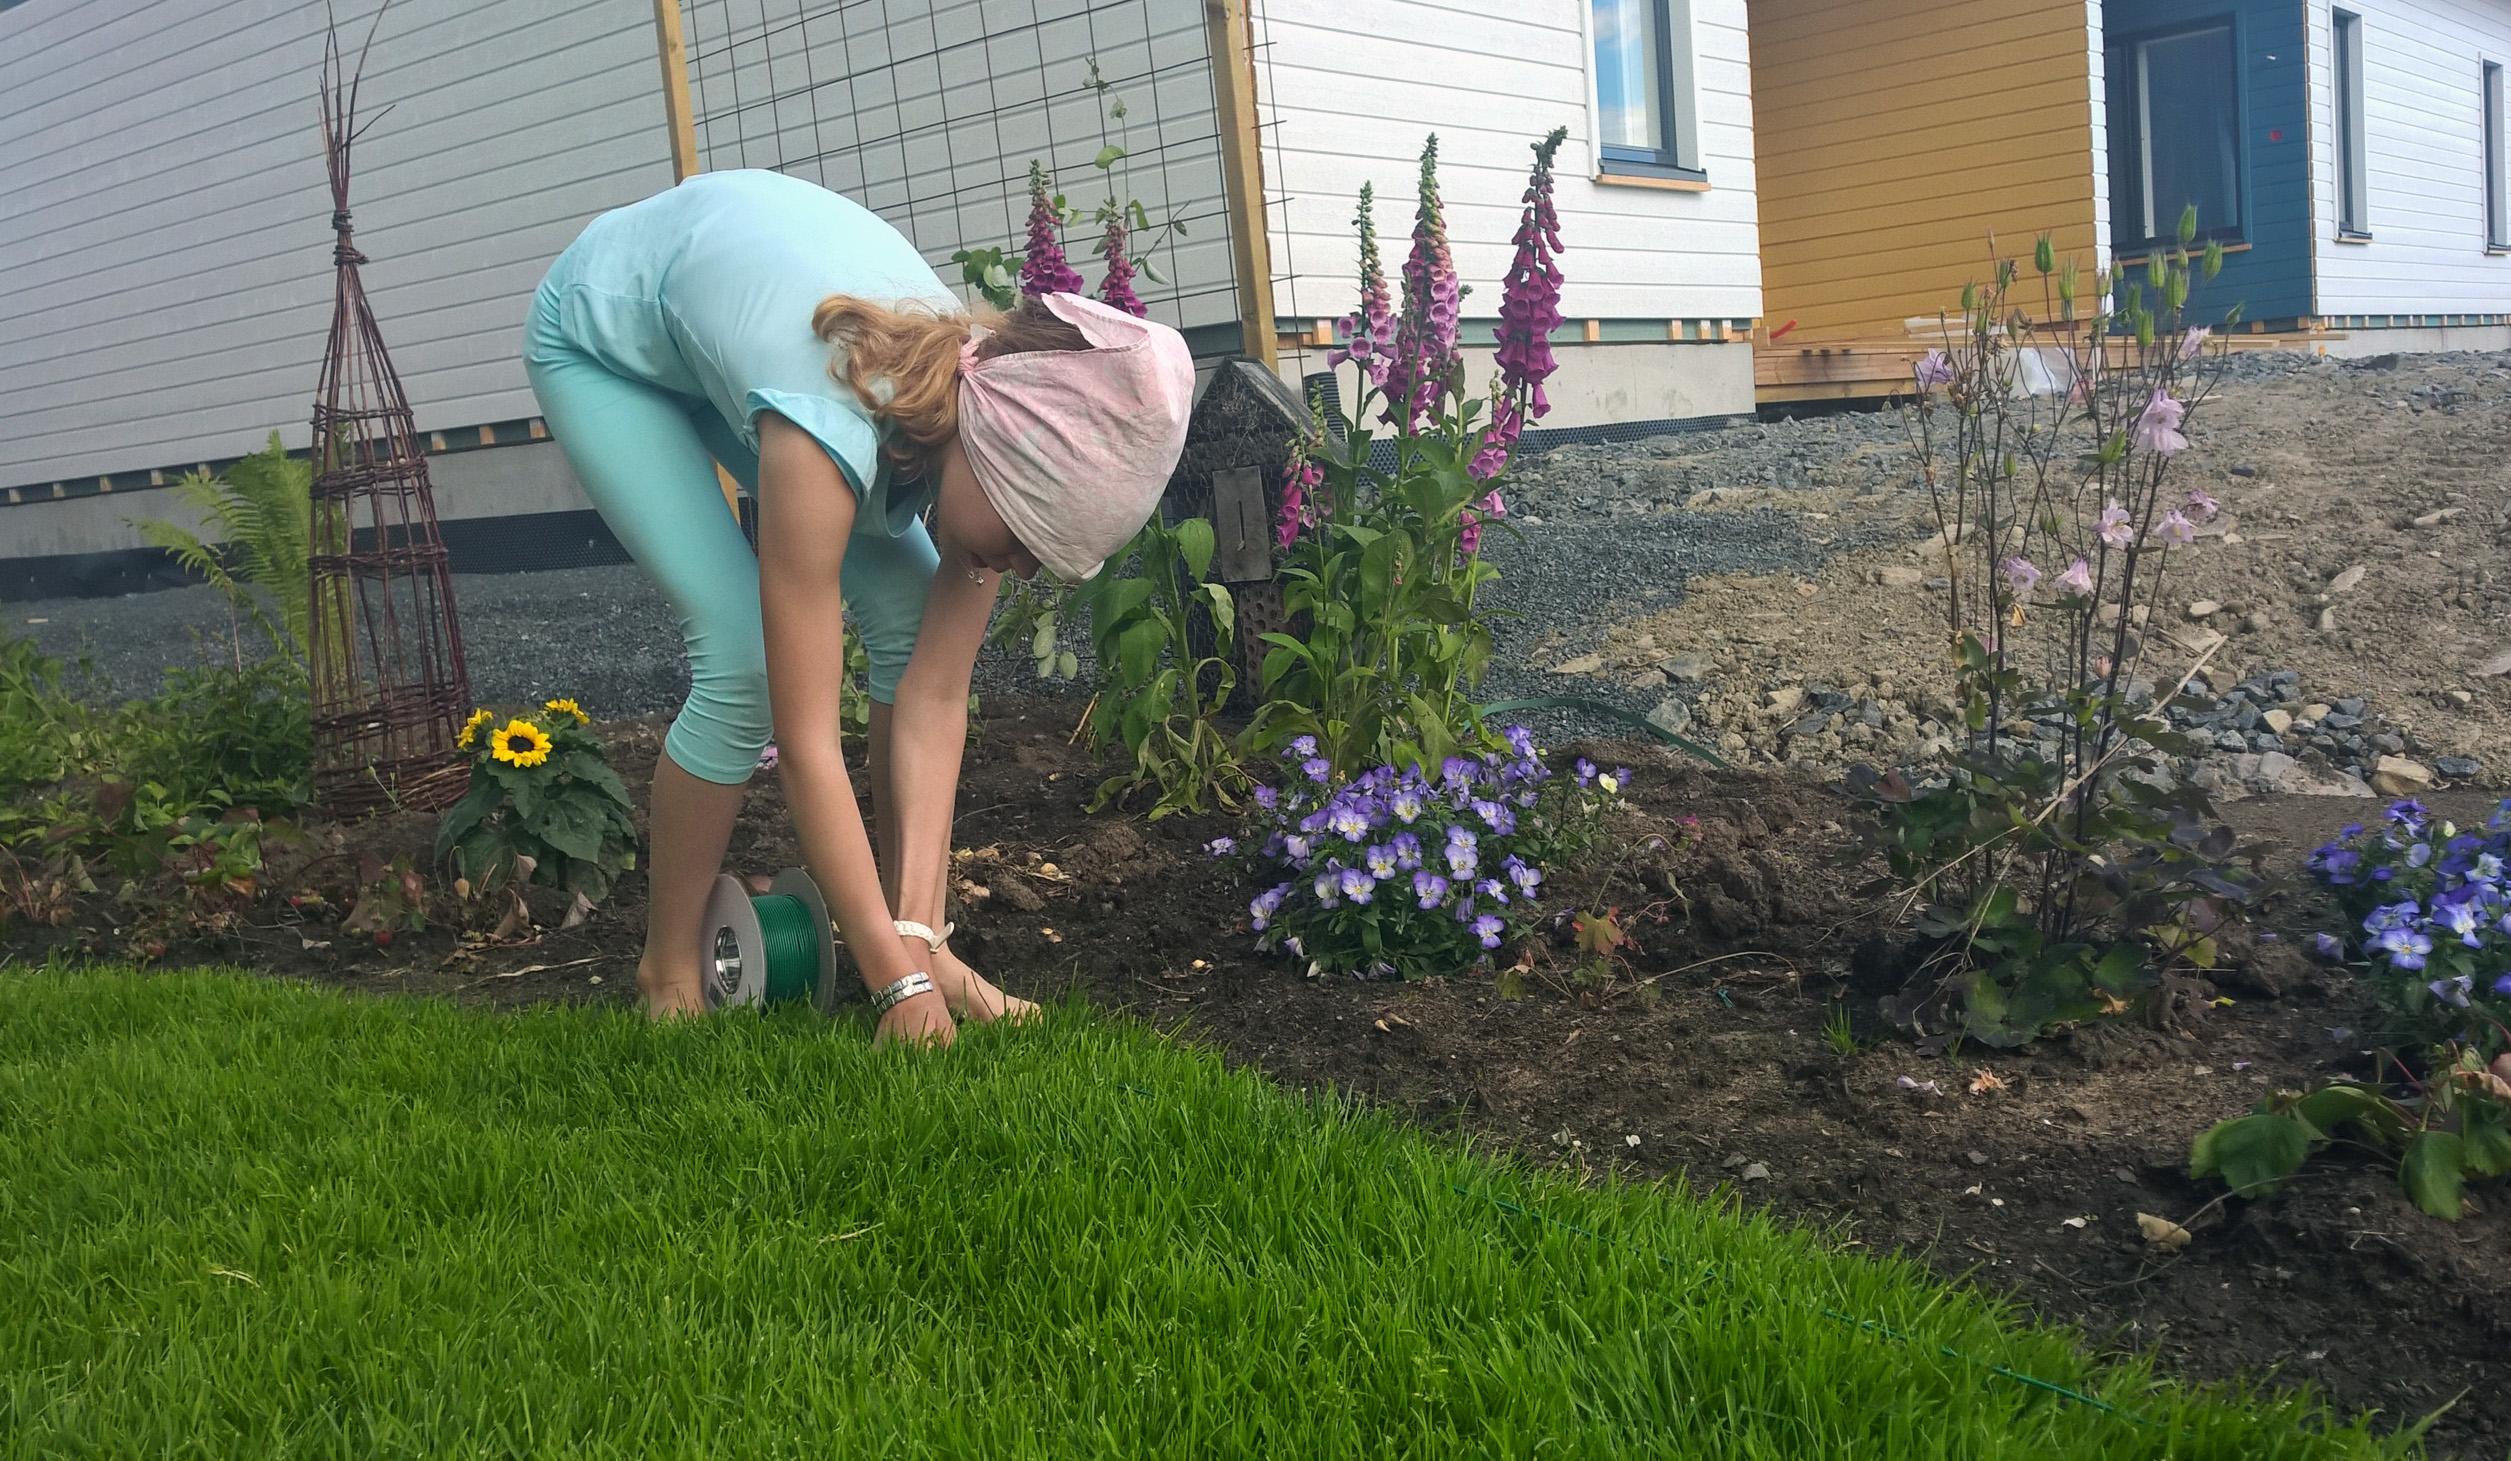 Rajauskaapeli asennetaan nurmikon pintaan, noin 5 cm leikkausalueen reunasta.